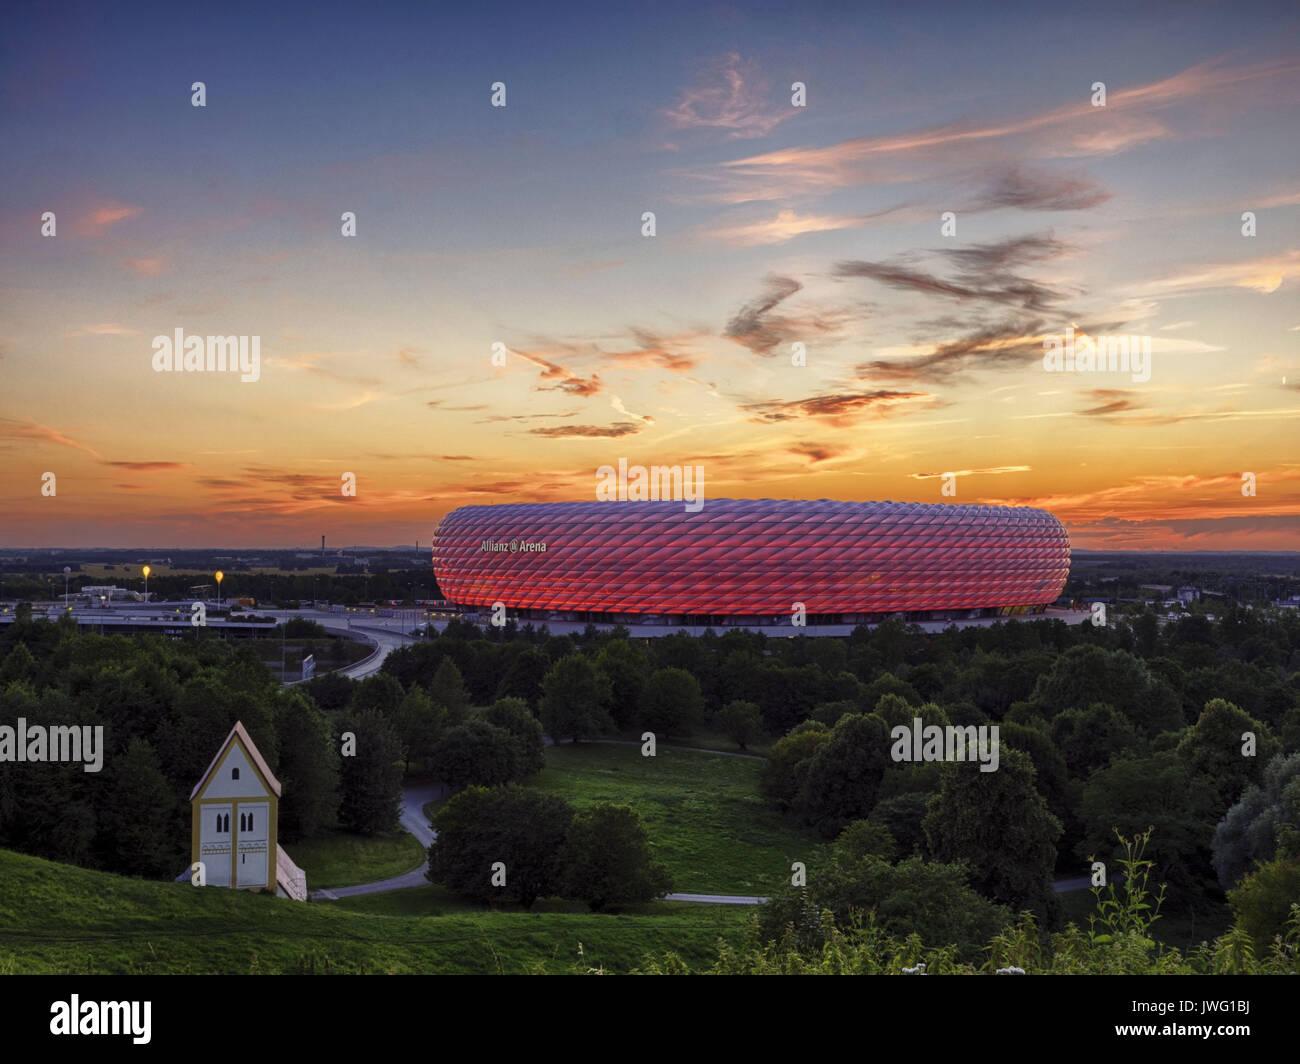 Deutschland, München, Fussballstadion, Allianz Arena, erbaut 2002-2005, Architekten, Herzog und de Meuron, Covertex Aussenhülle - Stock Image